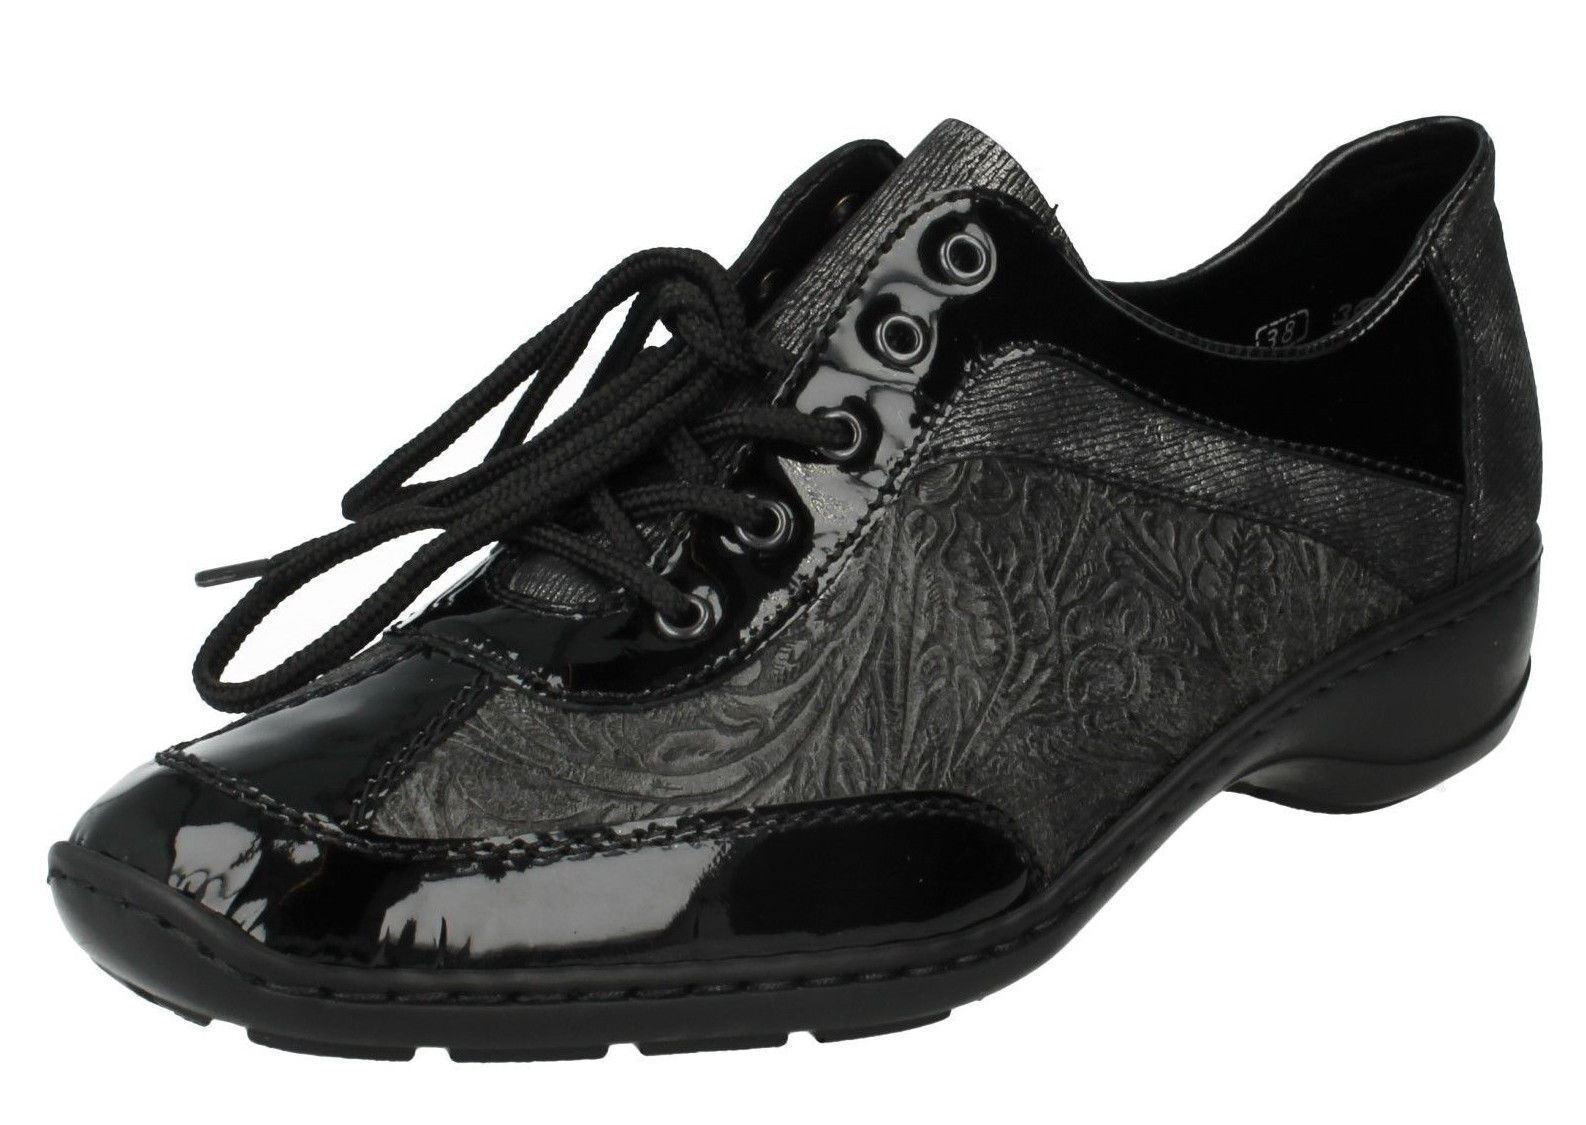 Damen Rieker schwarze geschnürte Leder Flacher Schuh 58312-00